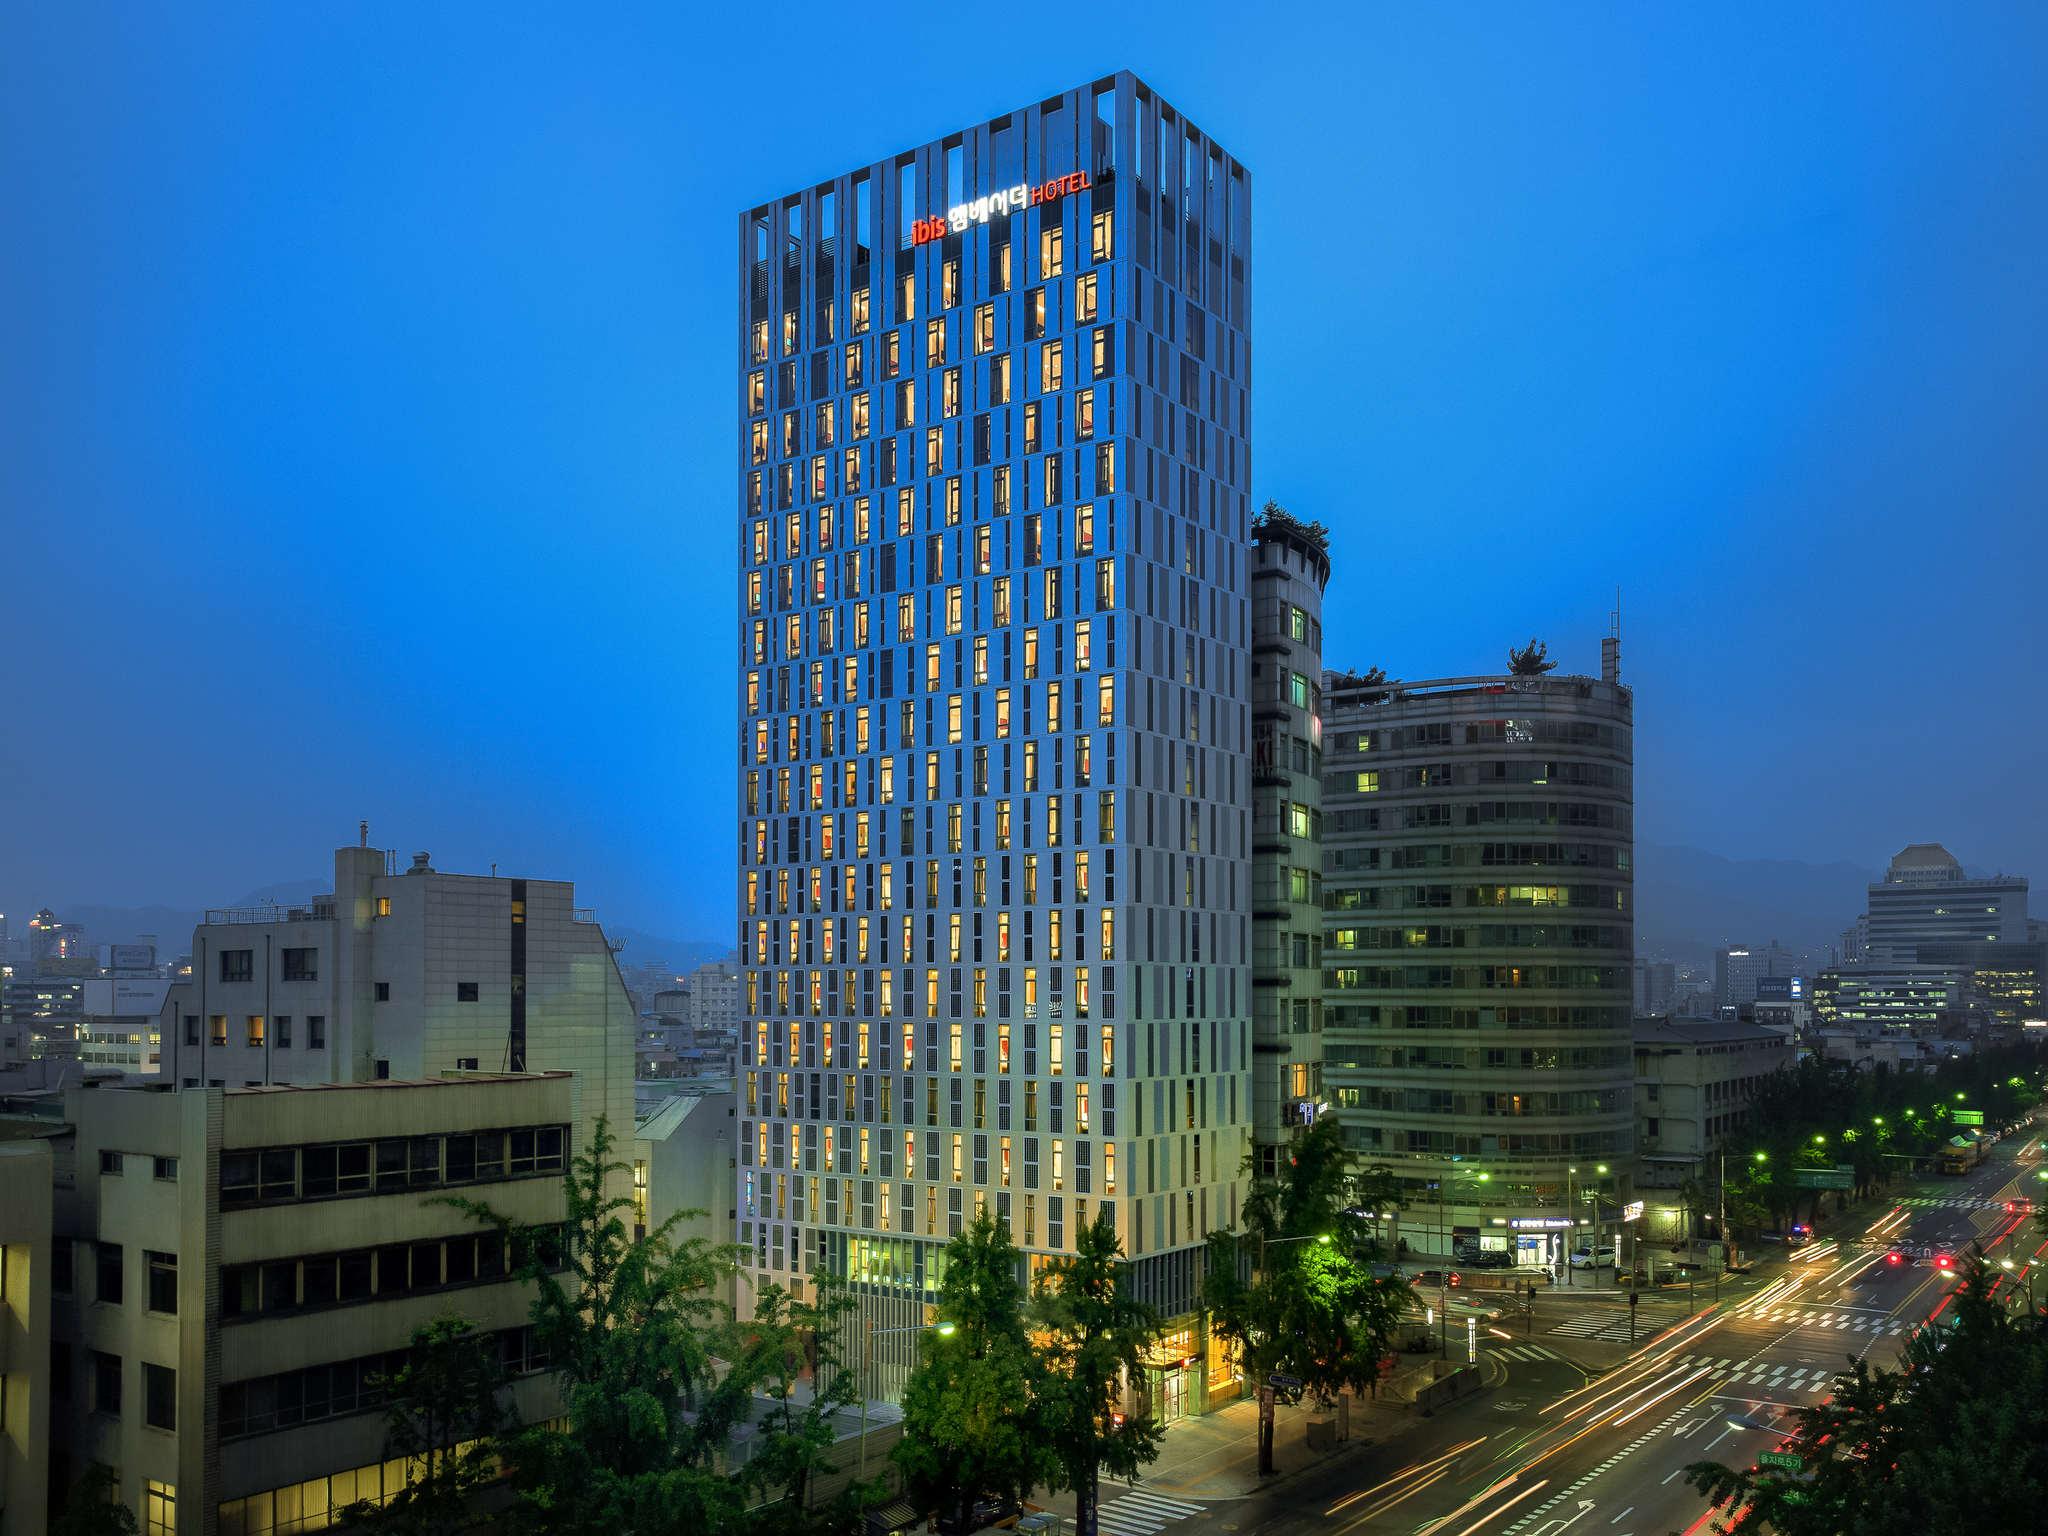 โรงแรม – ไอบิส แอมบาสเดอร์ โซล ทงแดมุน